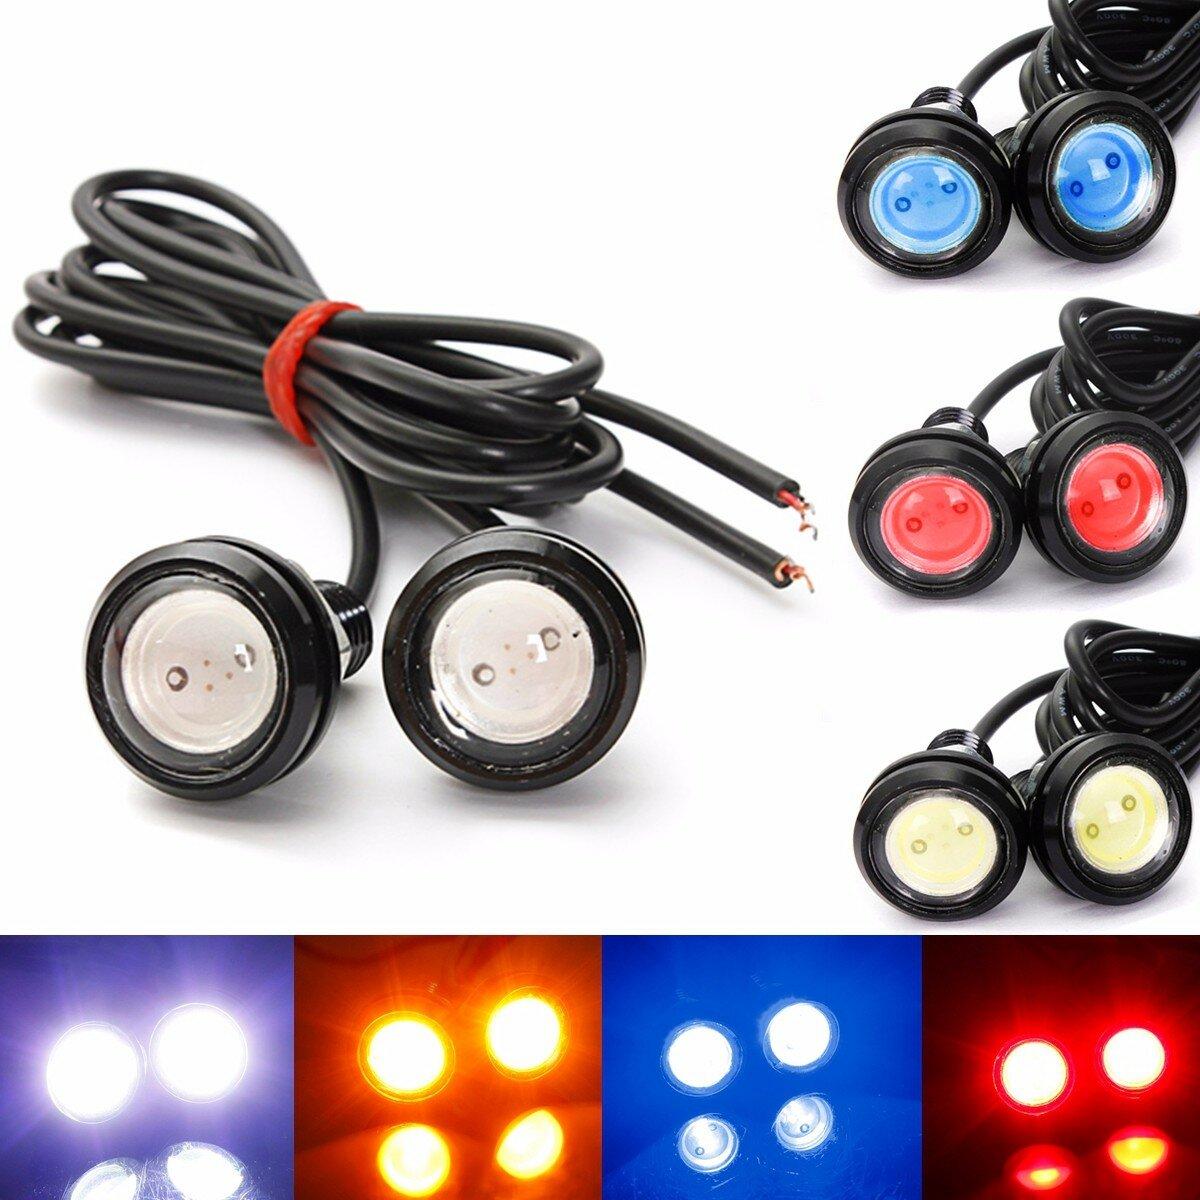 2 PCS 3W LED Eagle Lampu Mata Daytime Running DRL Bulb Backup Membalikkan Lampu 12 V Putih untuk Mobil Motor